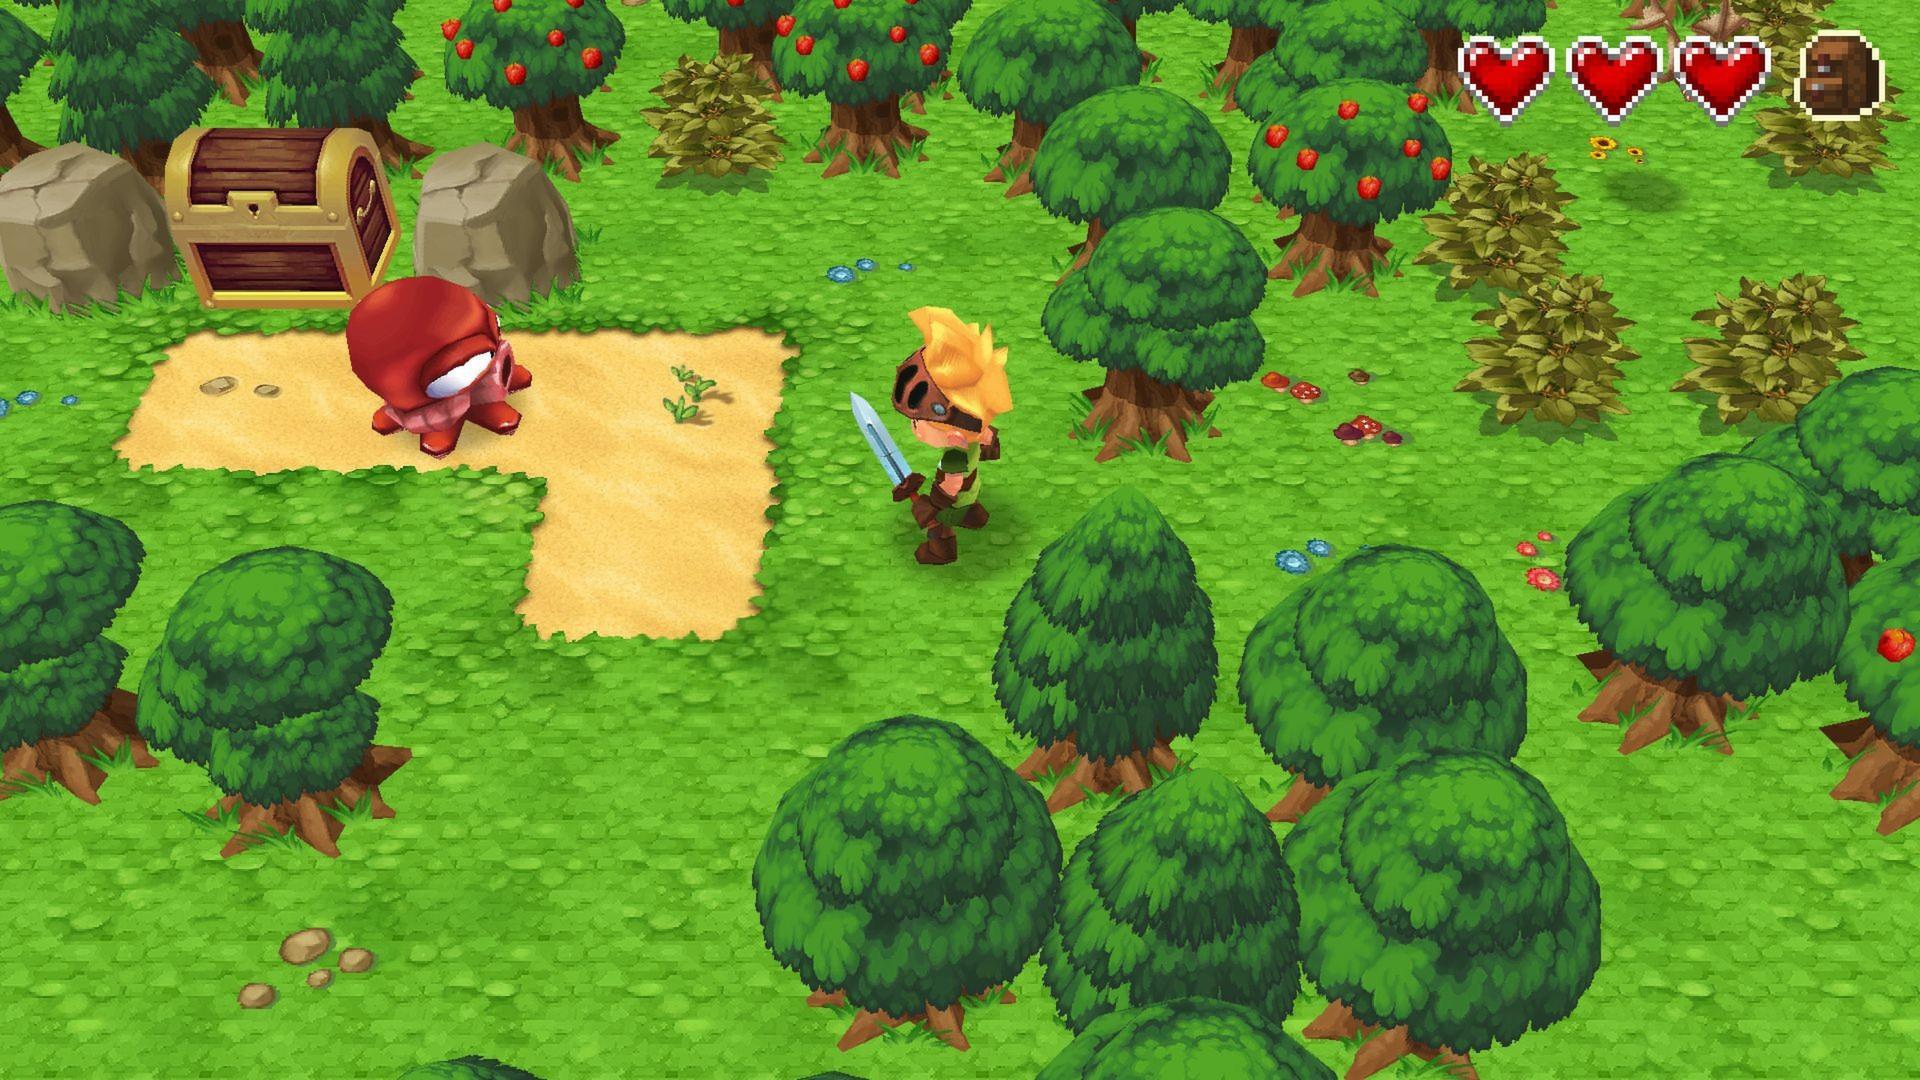 gambar oleh: steamcdn-a.akamaihd.net